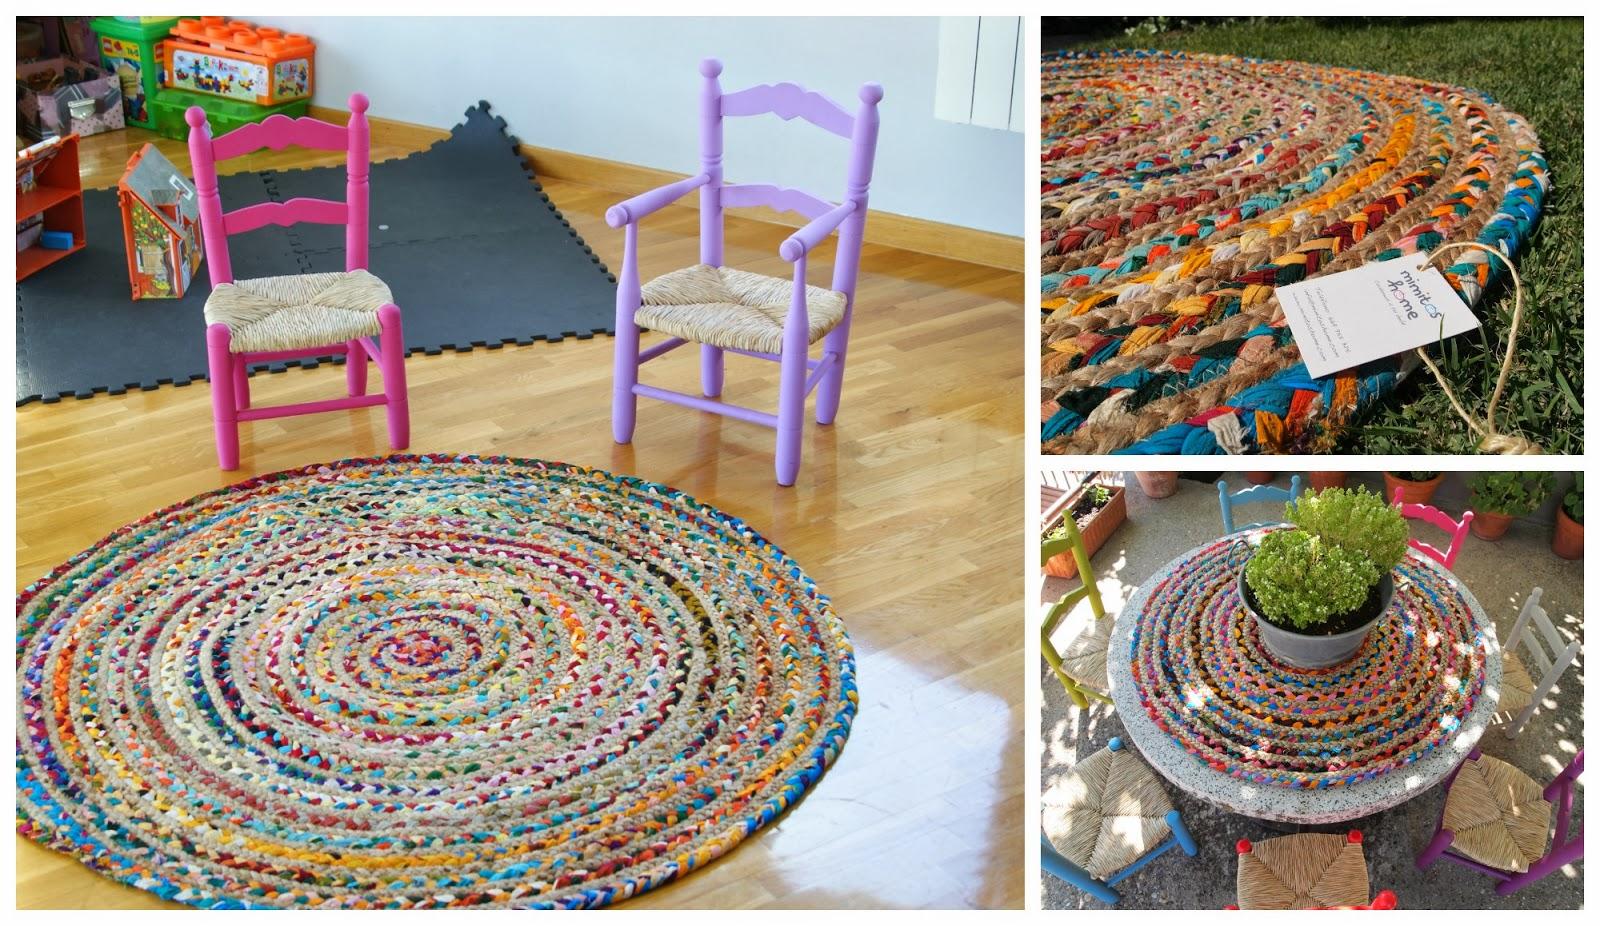 Mimitos home alfombras indias de telas y yute i dale for Alfombra colores